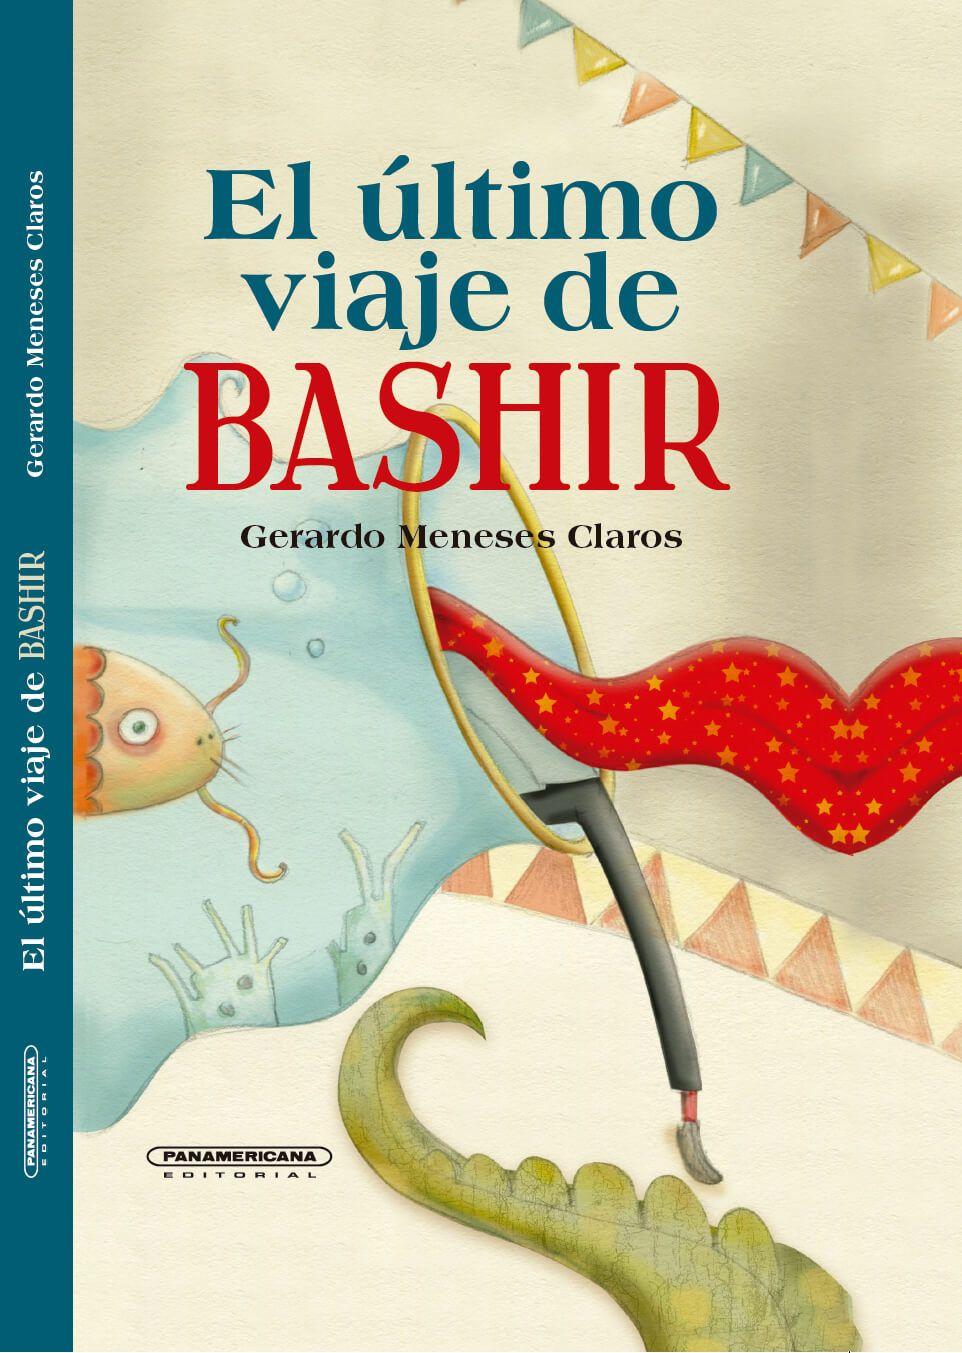 'El último viaje de Bashir'